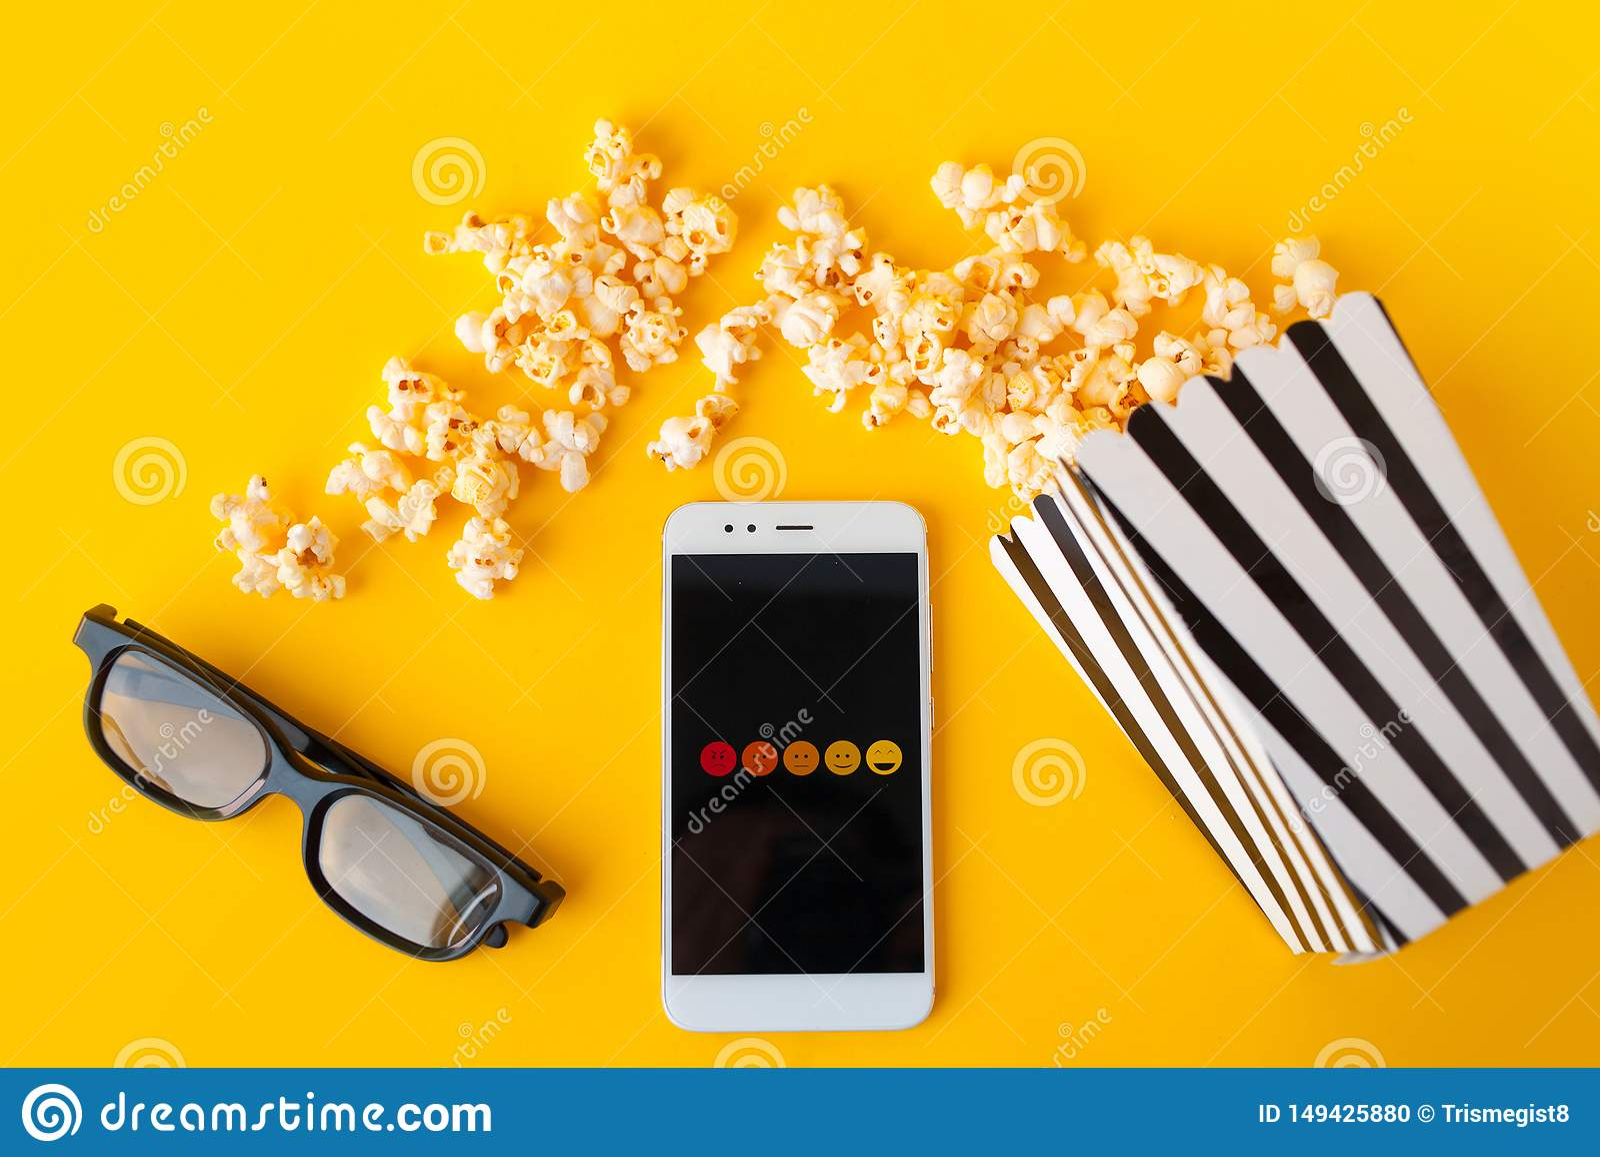 Un smartphone blanco con los smilies en la pantalla, los vidrios 3d, una caja de papel rayada blanco y negro y las palomitas disp